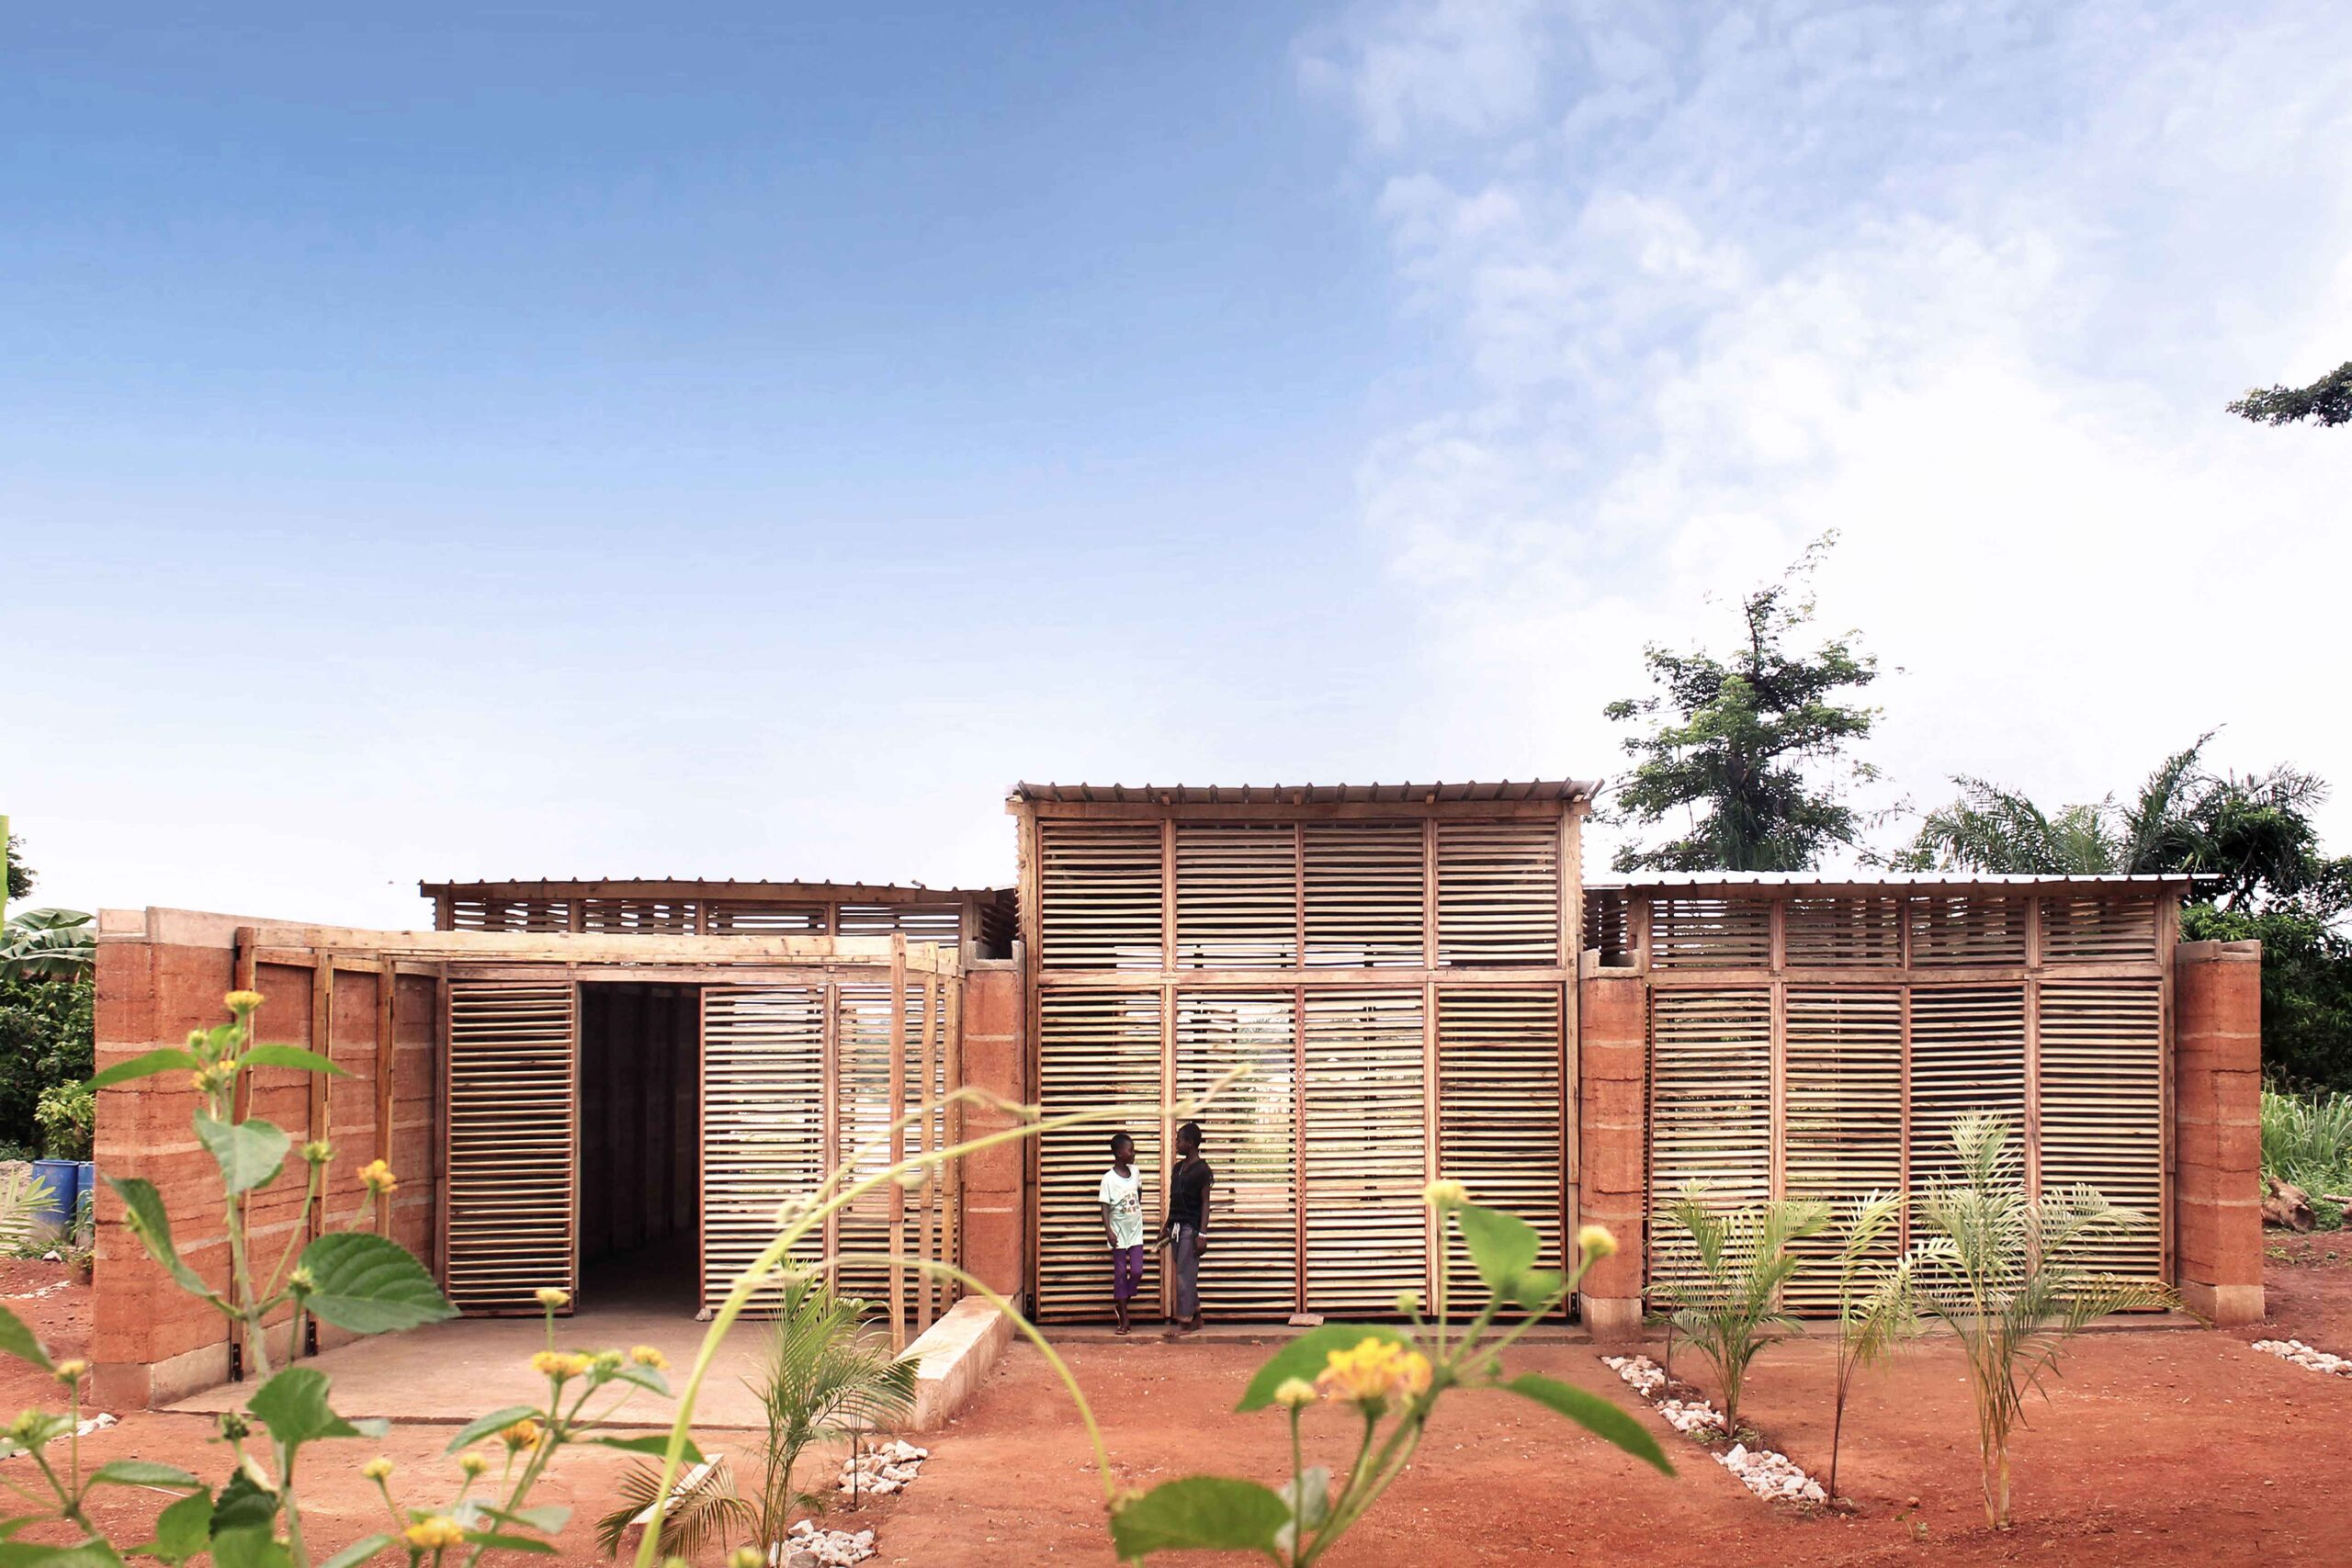 Escola foi feita à mão e é completamente sustentável